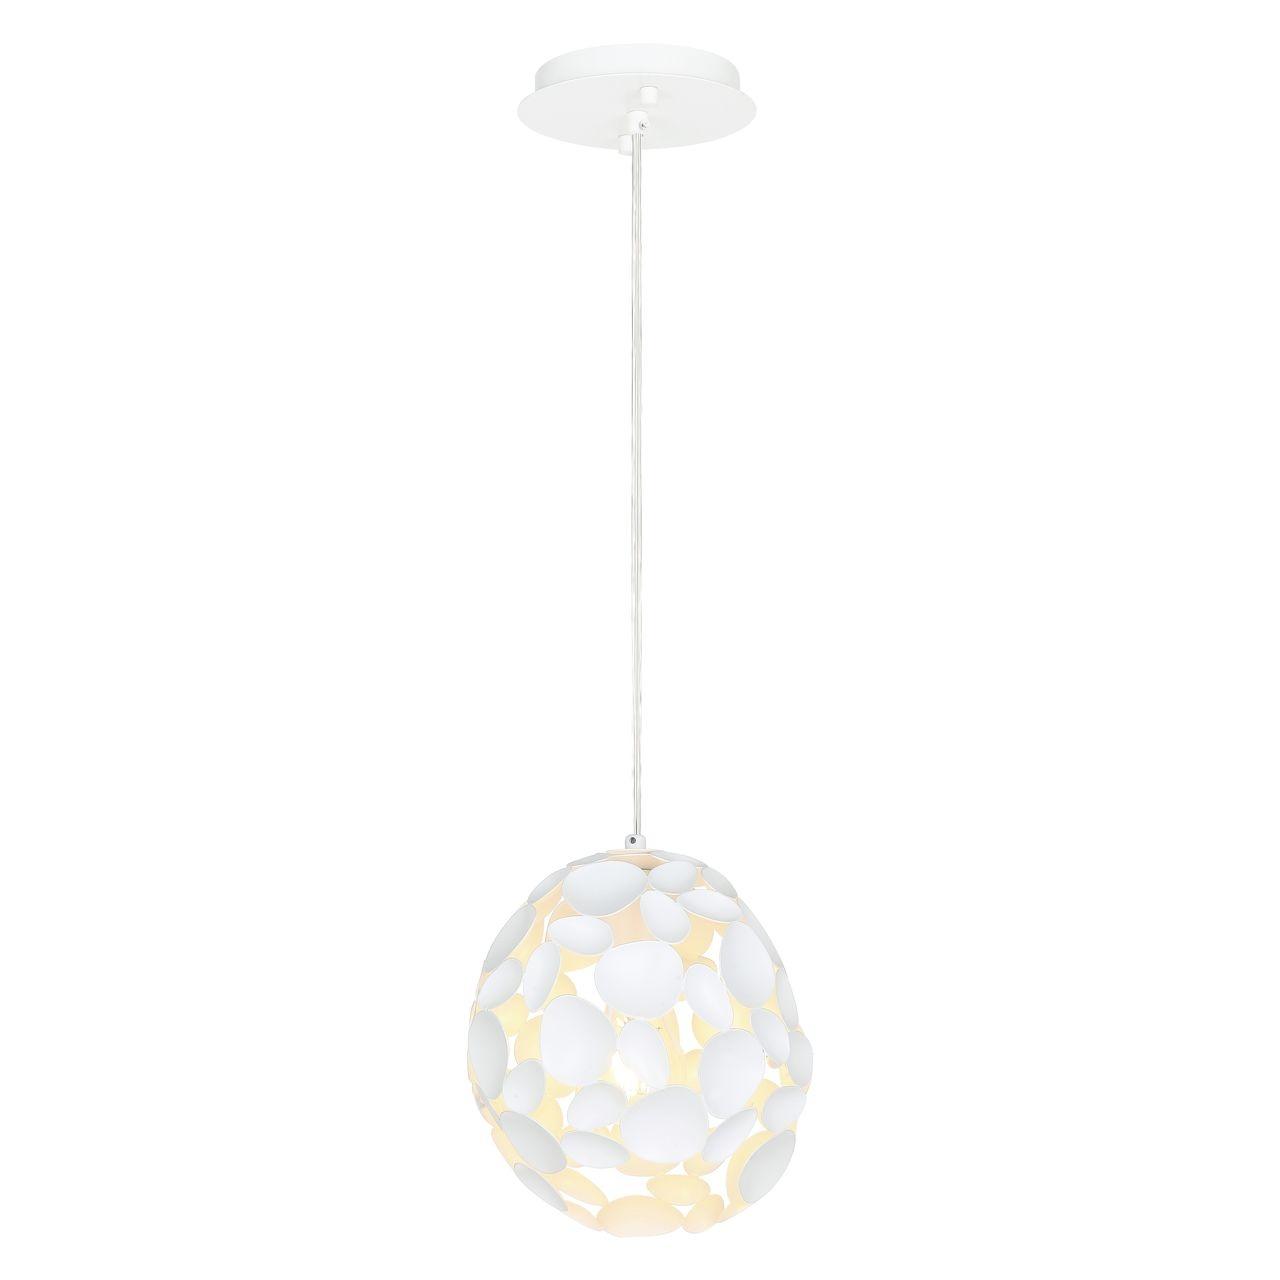 Настольные лампы - купить настольную лампу недорого в